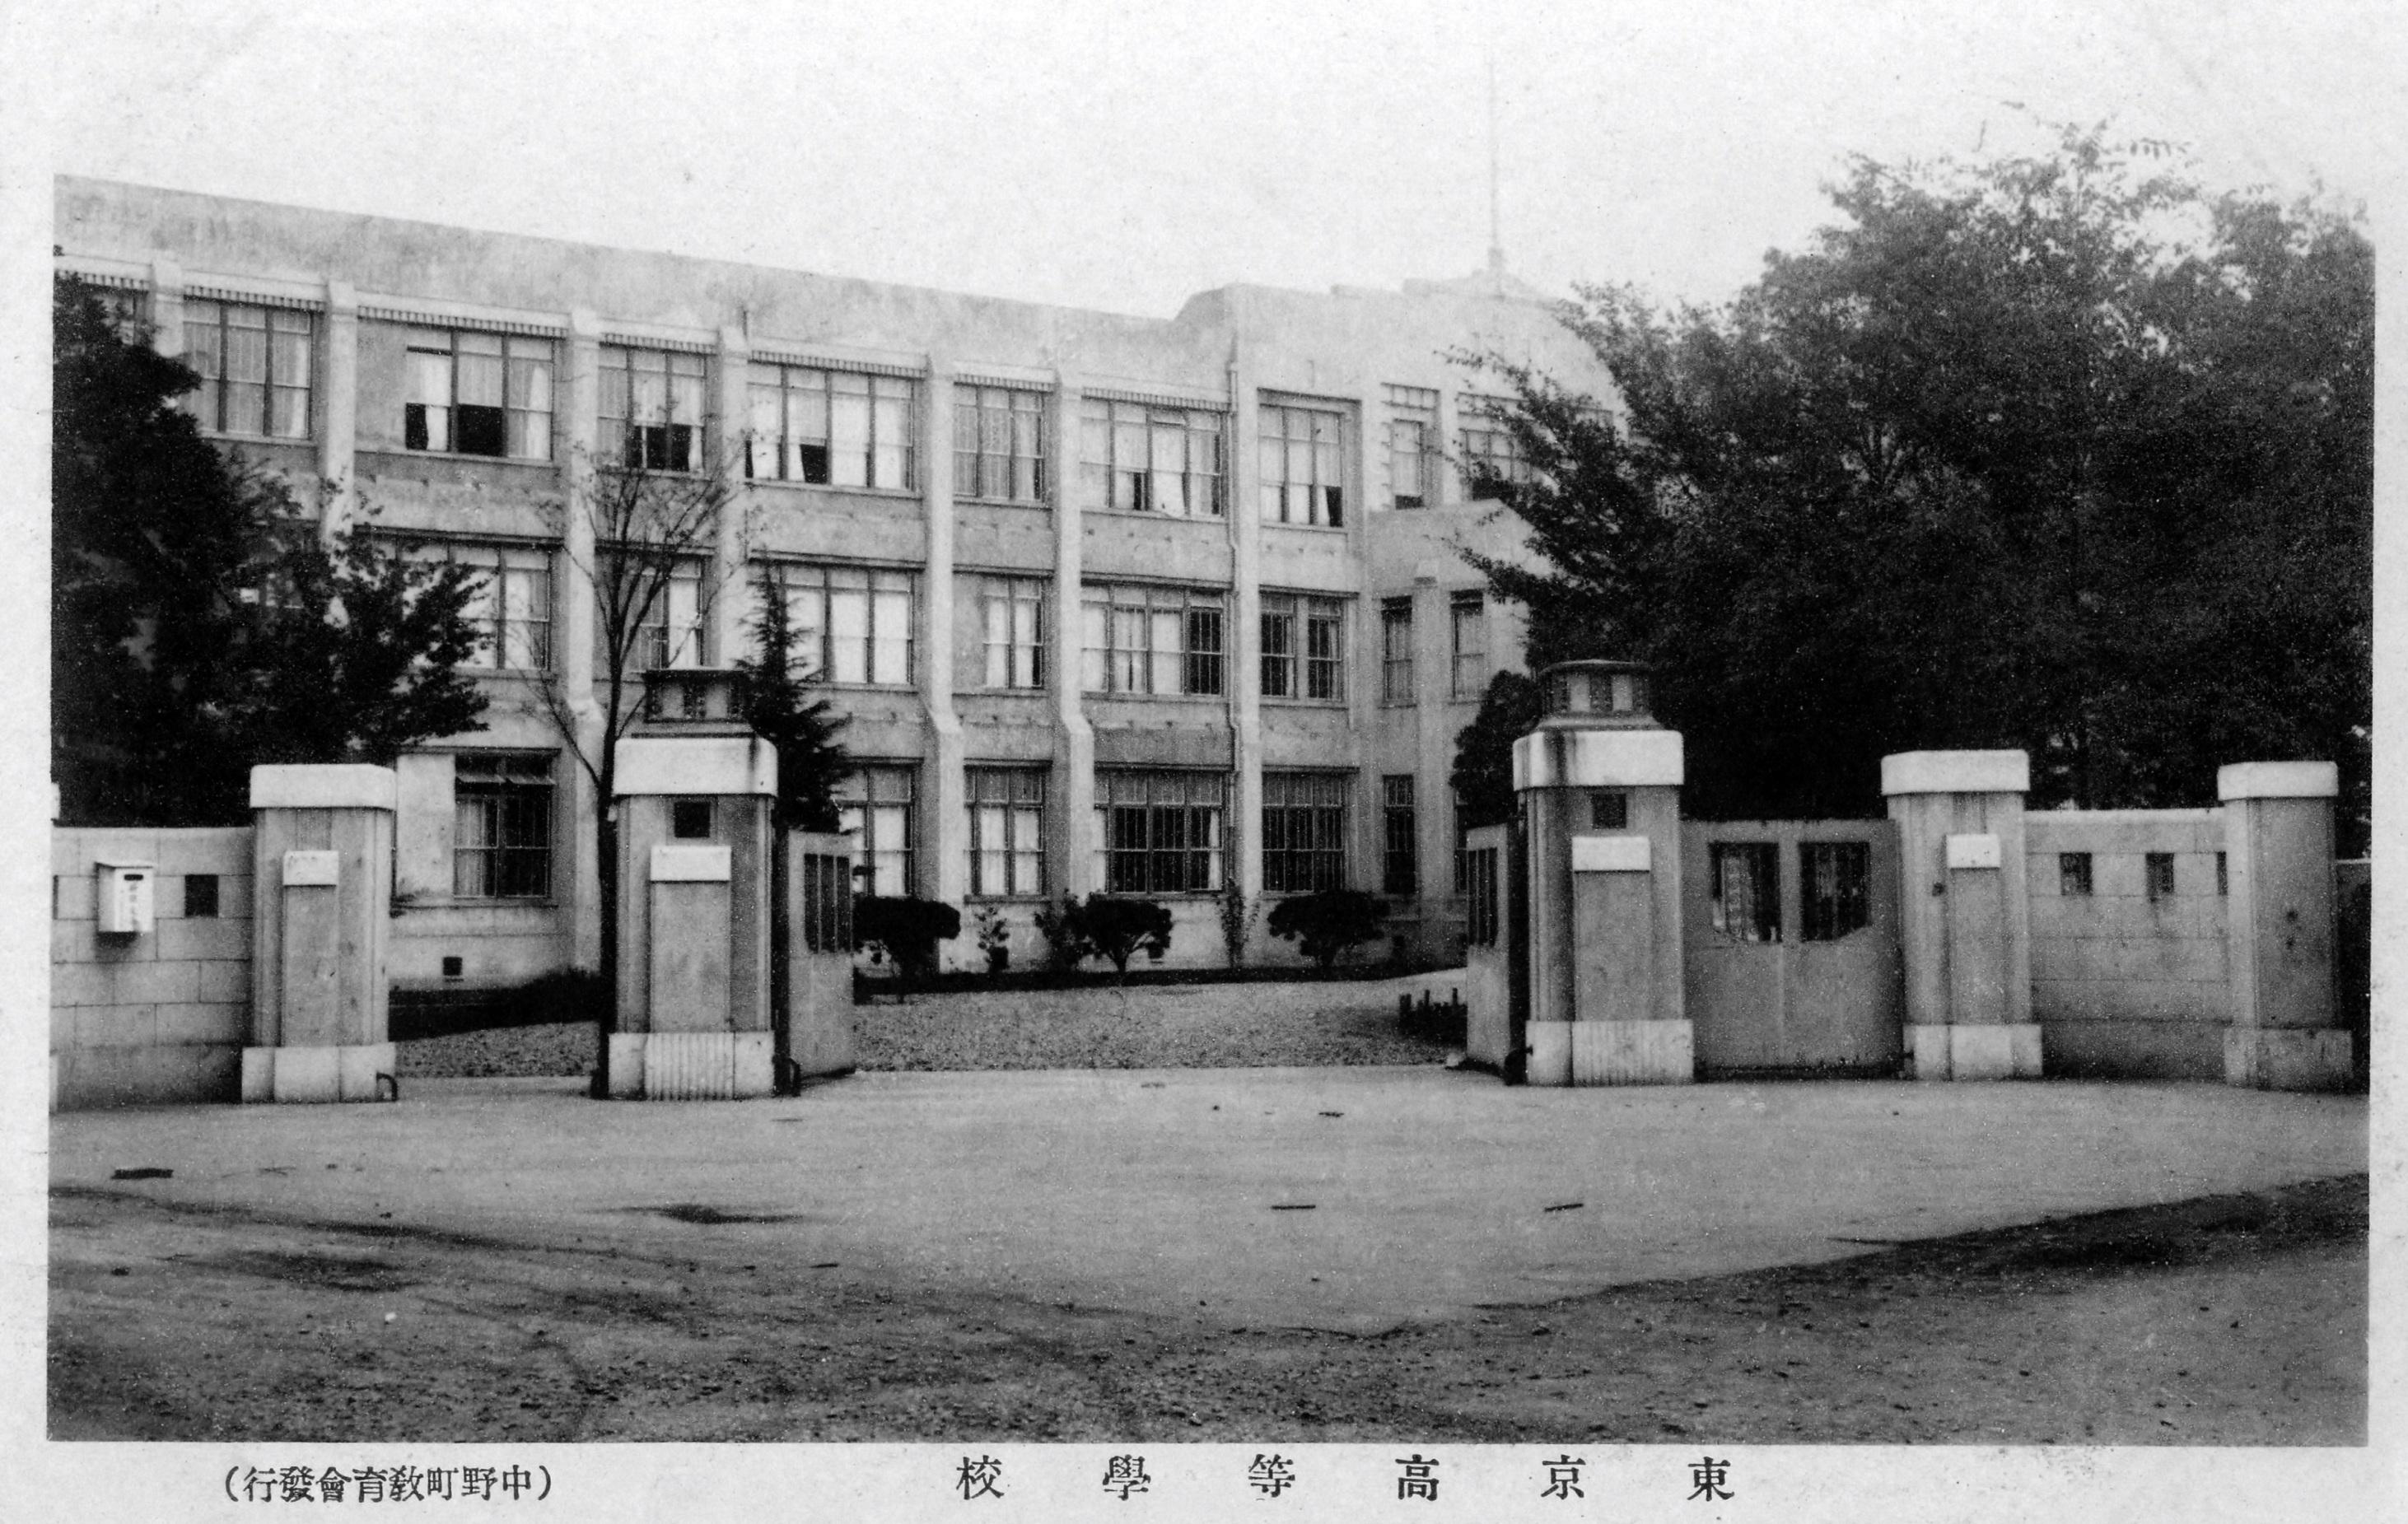 東京高等学校 (旧制) - Wikiwand